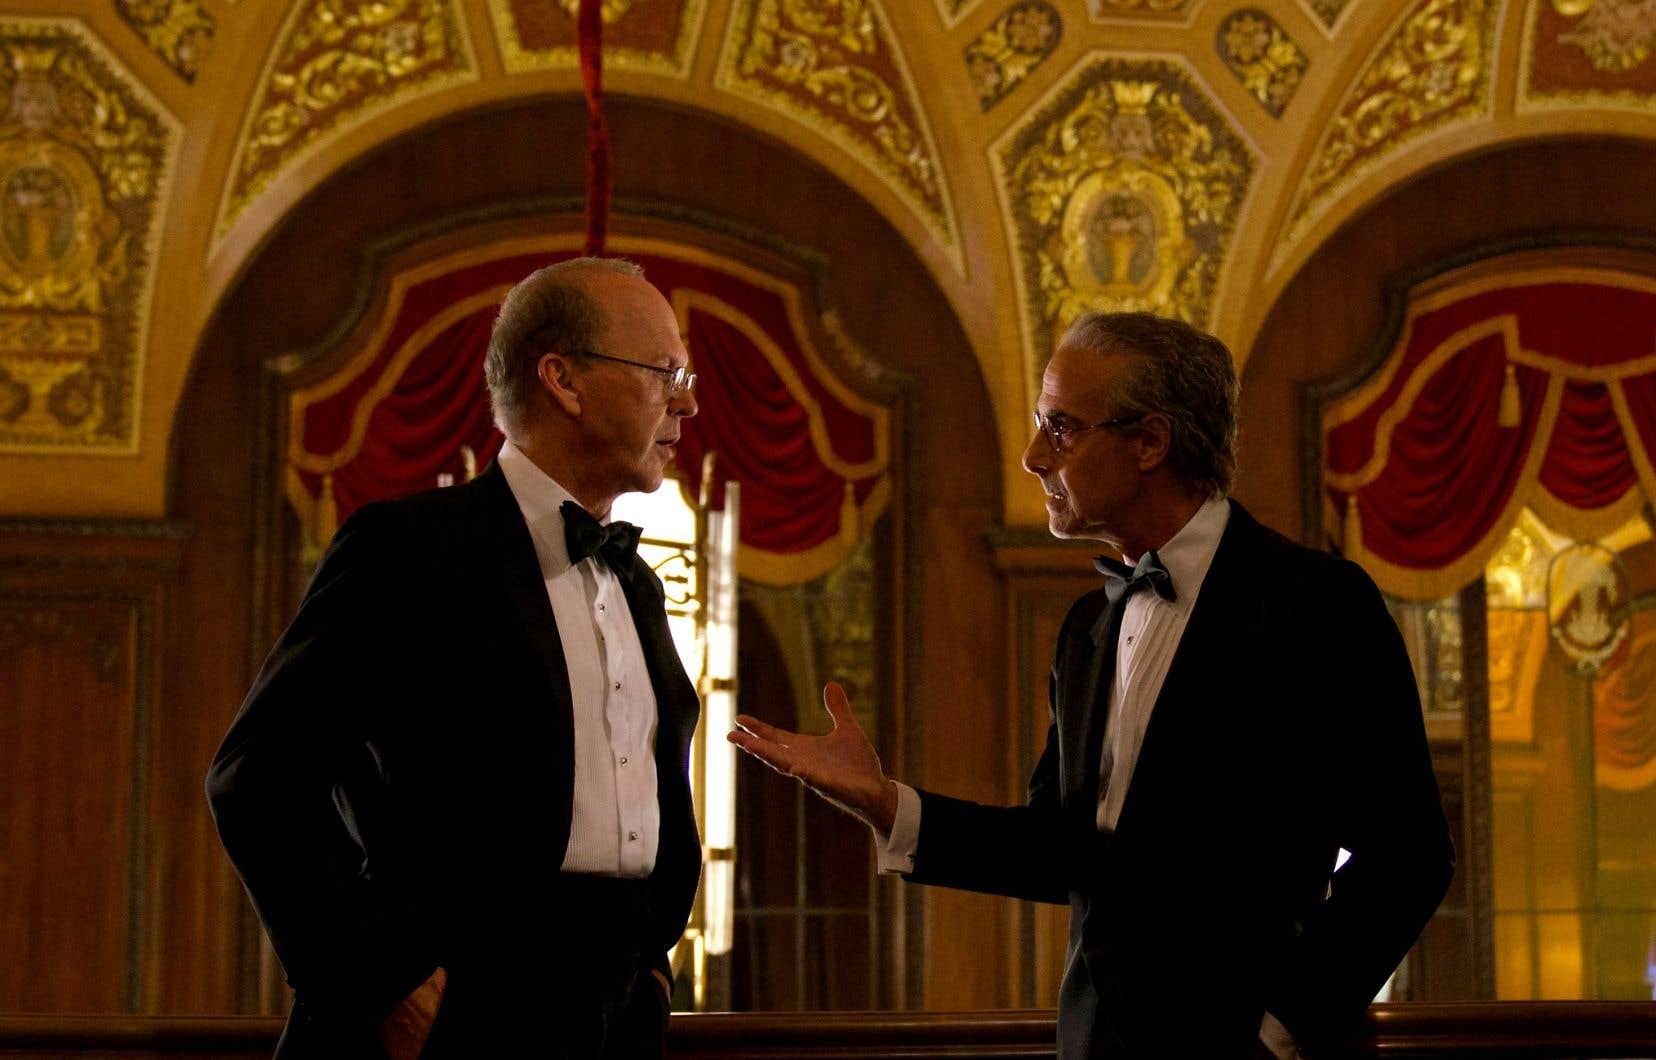 Dans «À quel prix ?», Charles Wolf, veuf de l'attentat et meneur des victimes, interprété par Stanley Tucci (à droi- te), est montré comme l'alter ego de l'avocat Kenneth Feinberg, interpreté par Michael Keaton (à gauche).